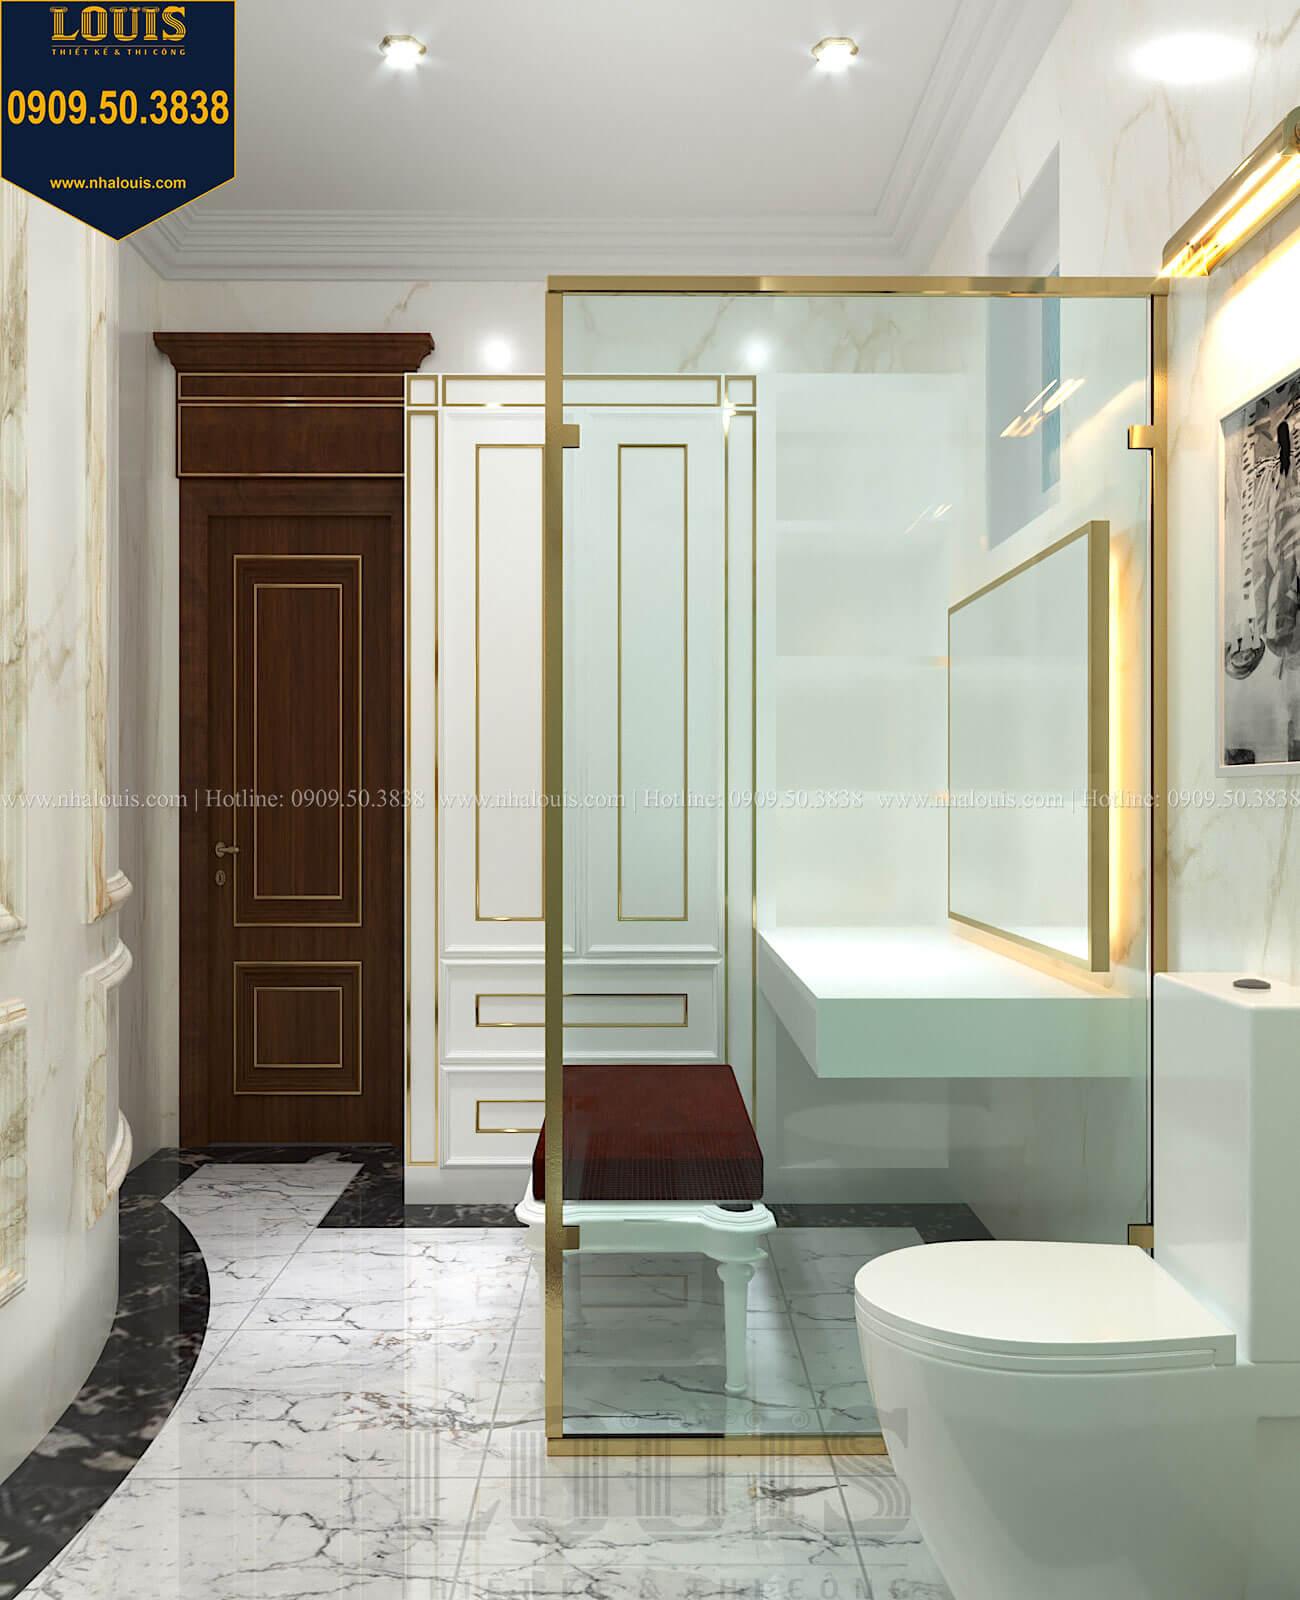 Phòng tắm và WC con gái Thiết kế biệt thự cổ điển 2 tầng nguy nga và đẳng cấp tại Tây Ninh - 61